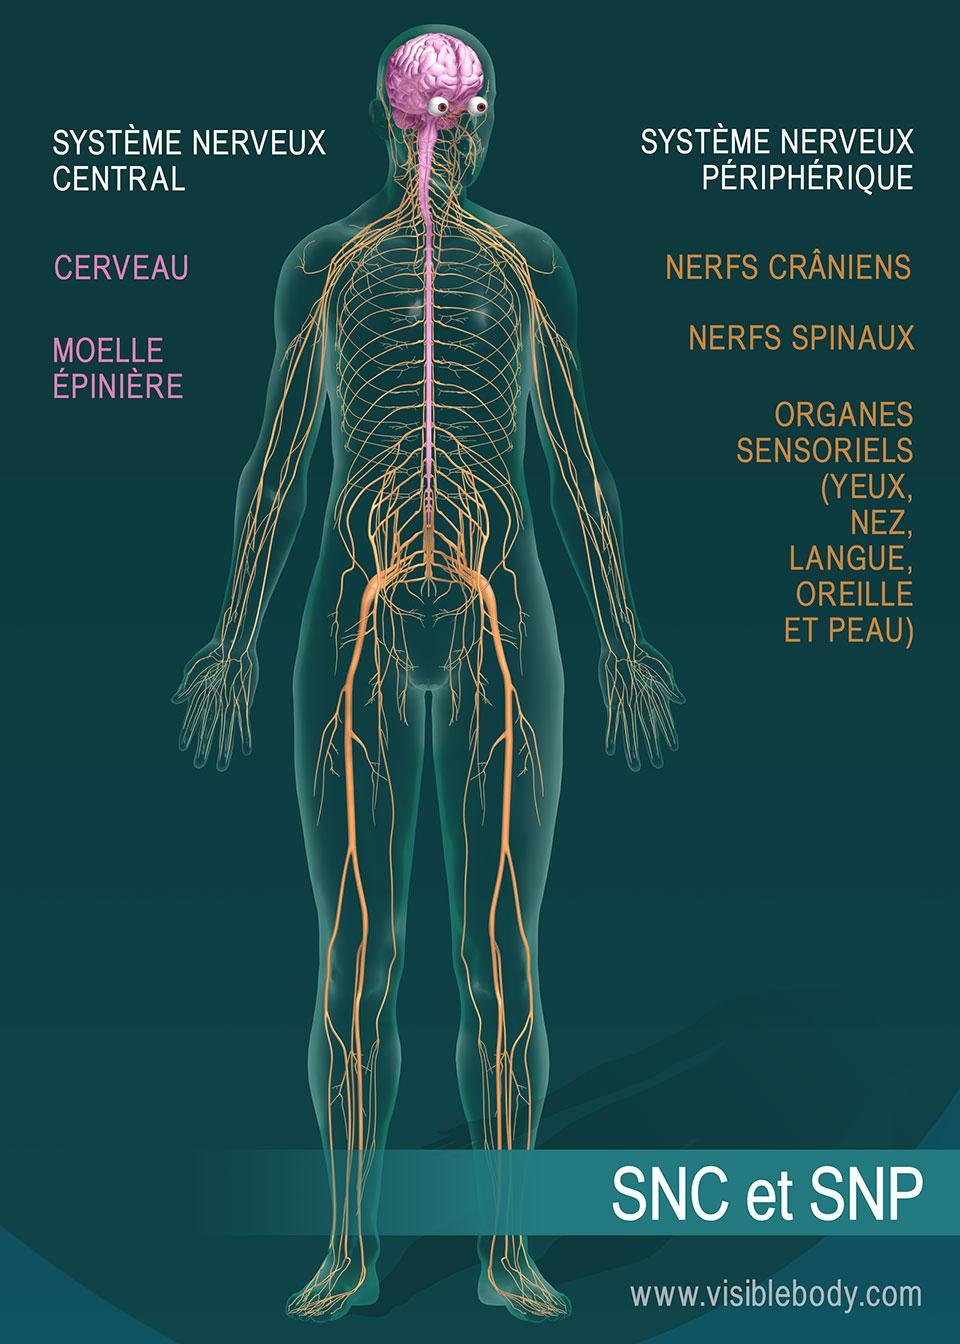 Le cerveau et la moelle épinière constituent le système nerveux central (SNC). Les nerfs crâniens, les nerfs spinaux et les organes sensoriels constituent quant à eux le système nerveux périphérique (SNP).